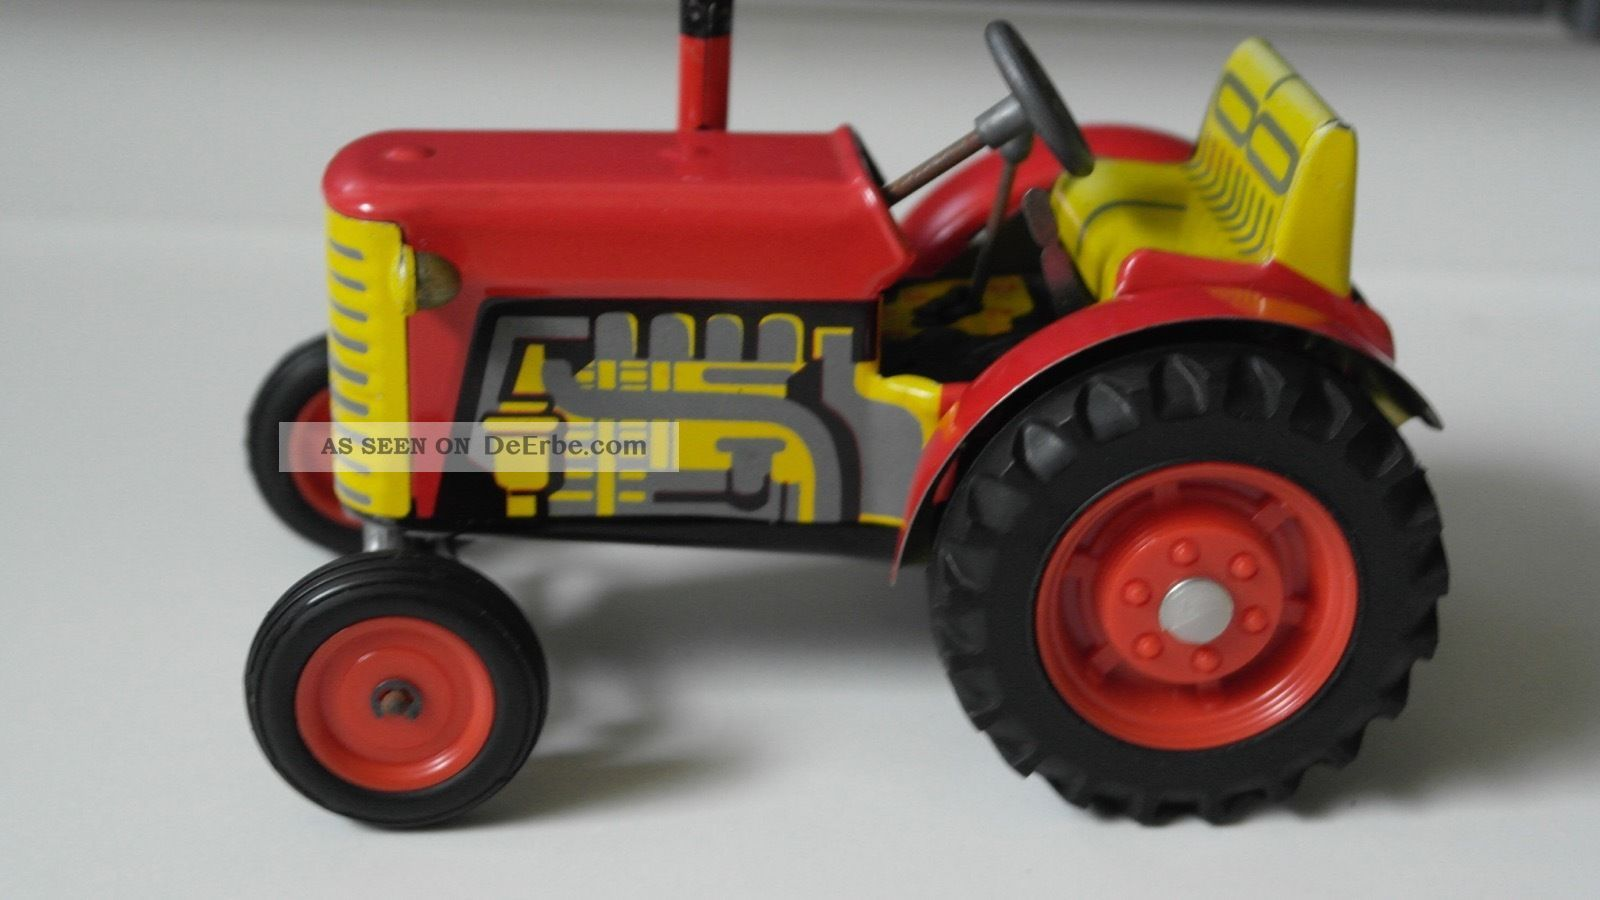 Blechspielzeug - Traktor Rot Von Kovap Komplett Mit Schlüssel Fahrbar Top Gefertigt nach 1970 Bild